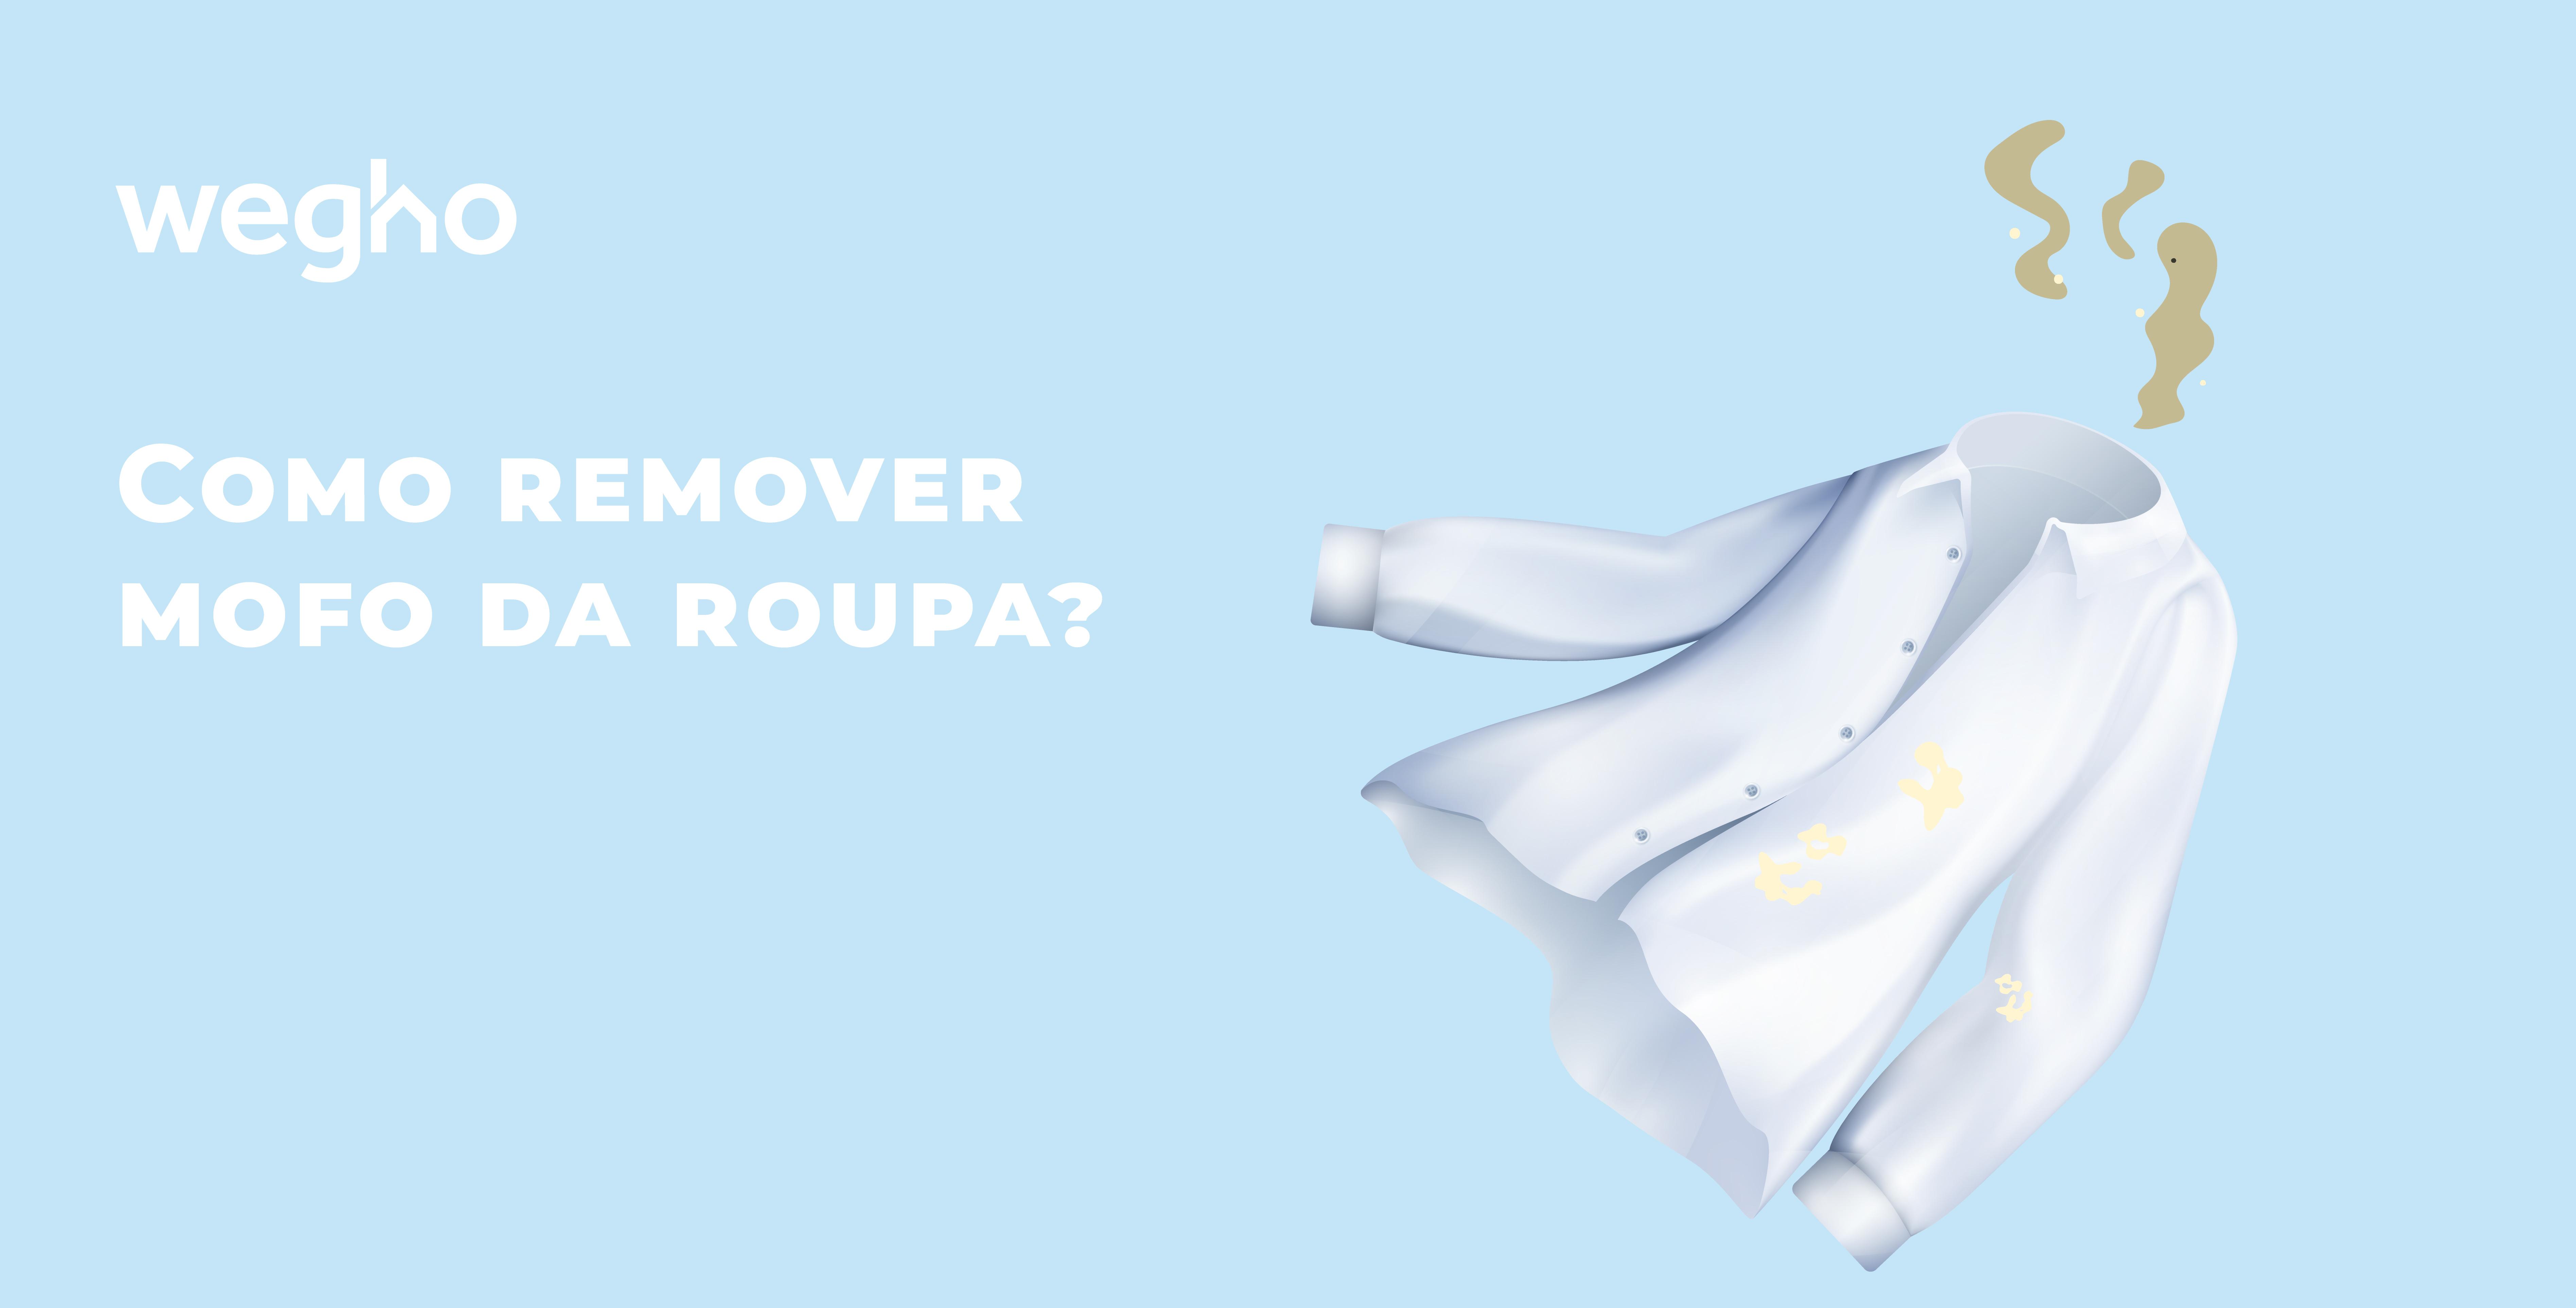 Como remover mofo da roupa - mofo na roupa - camisa branca com manchas de mofo e maus odores - tratamento de peças de roupa com manchas de mofo - Wegho